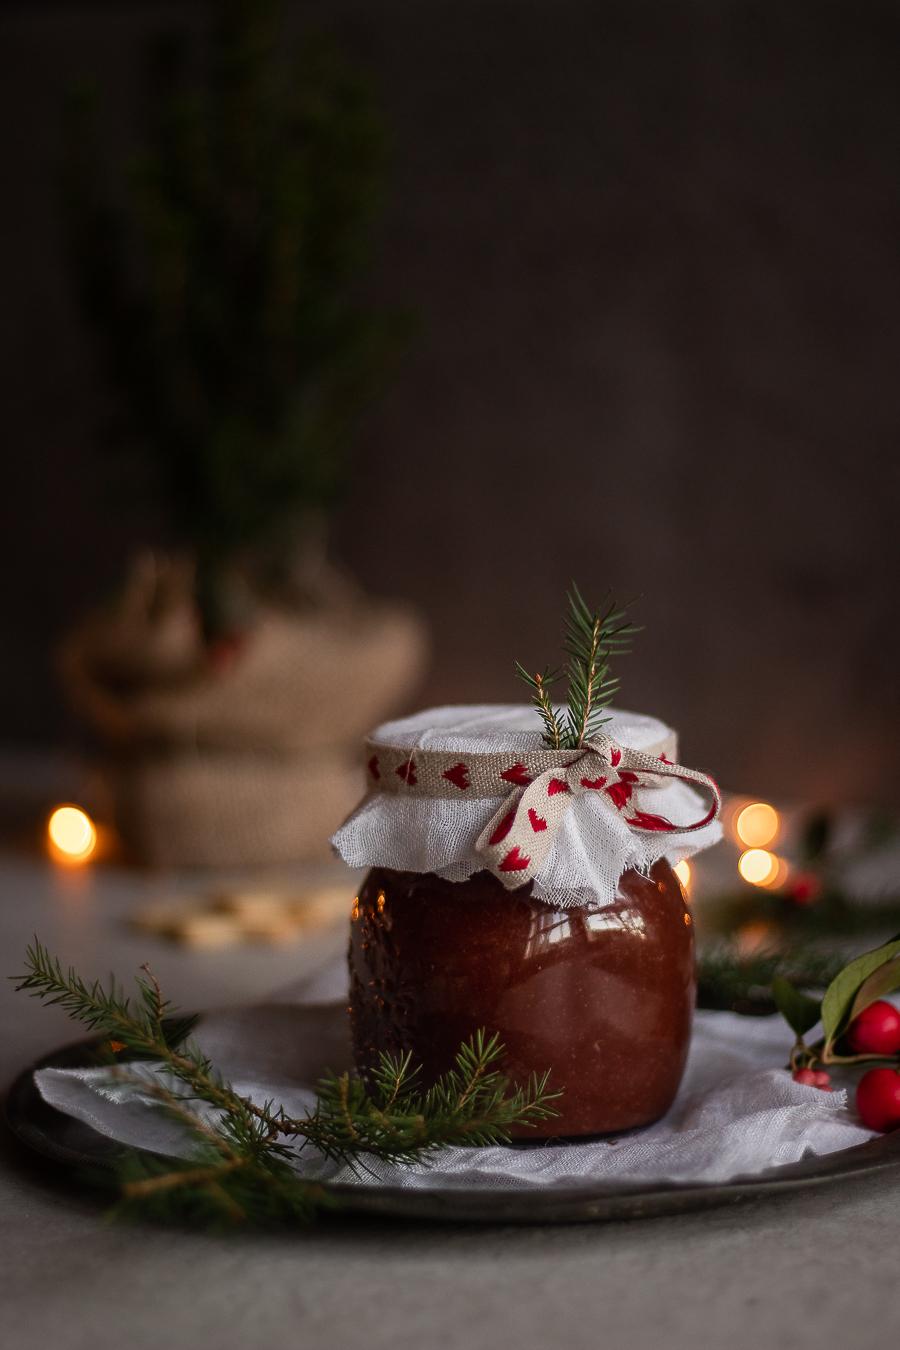 Marmellata di arance e cioccolato fondente al profumo di rosmarino